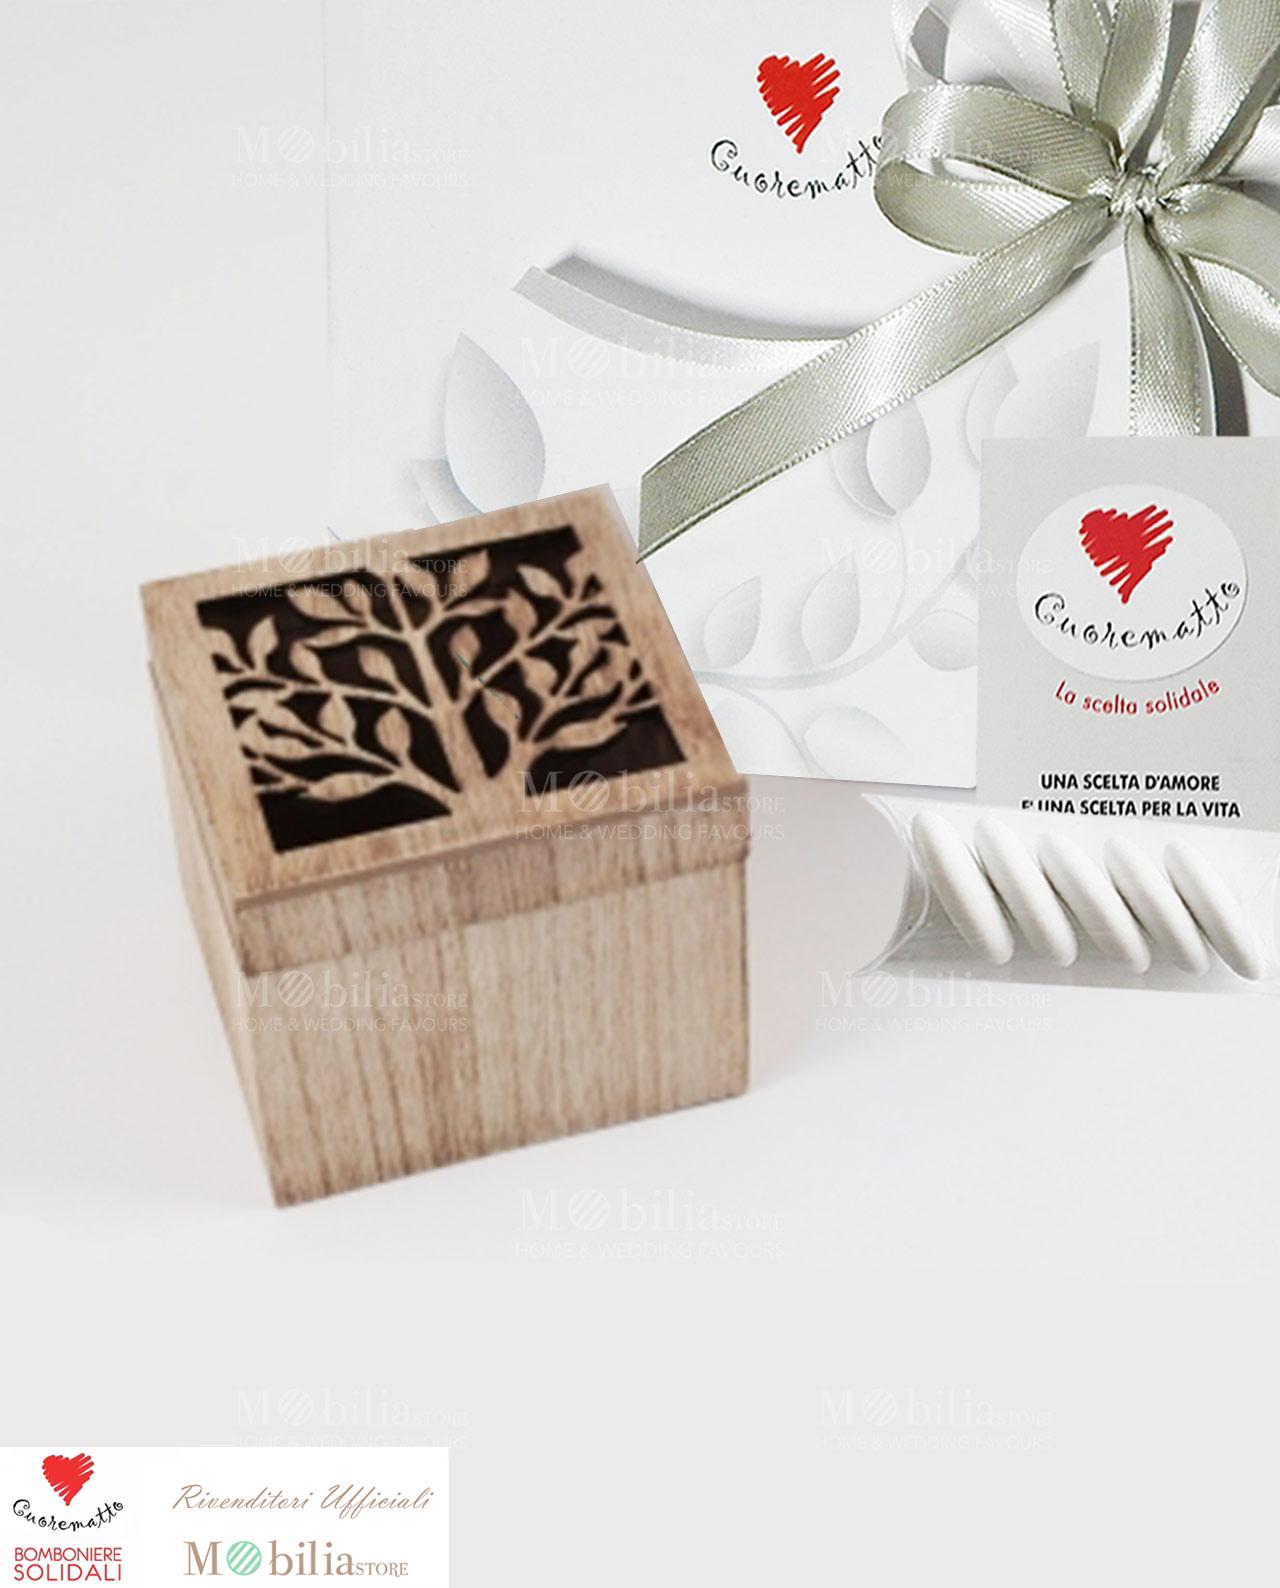 Bomboniere Matrimonio Telefono Azzurro : Bomboniere solidali scatolina legno albero della vita